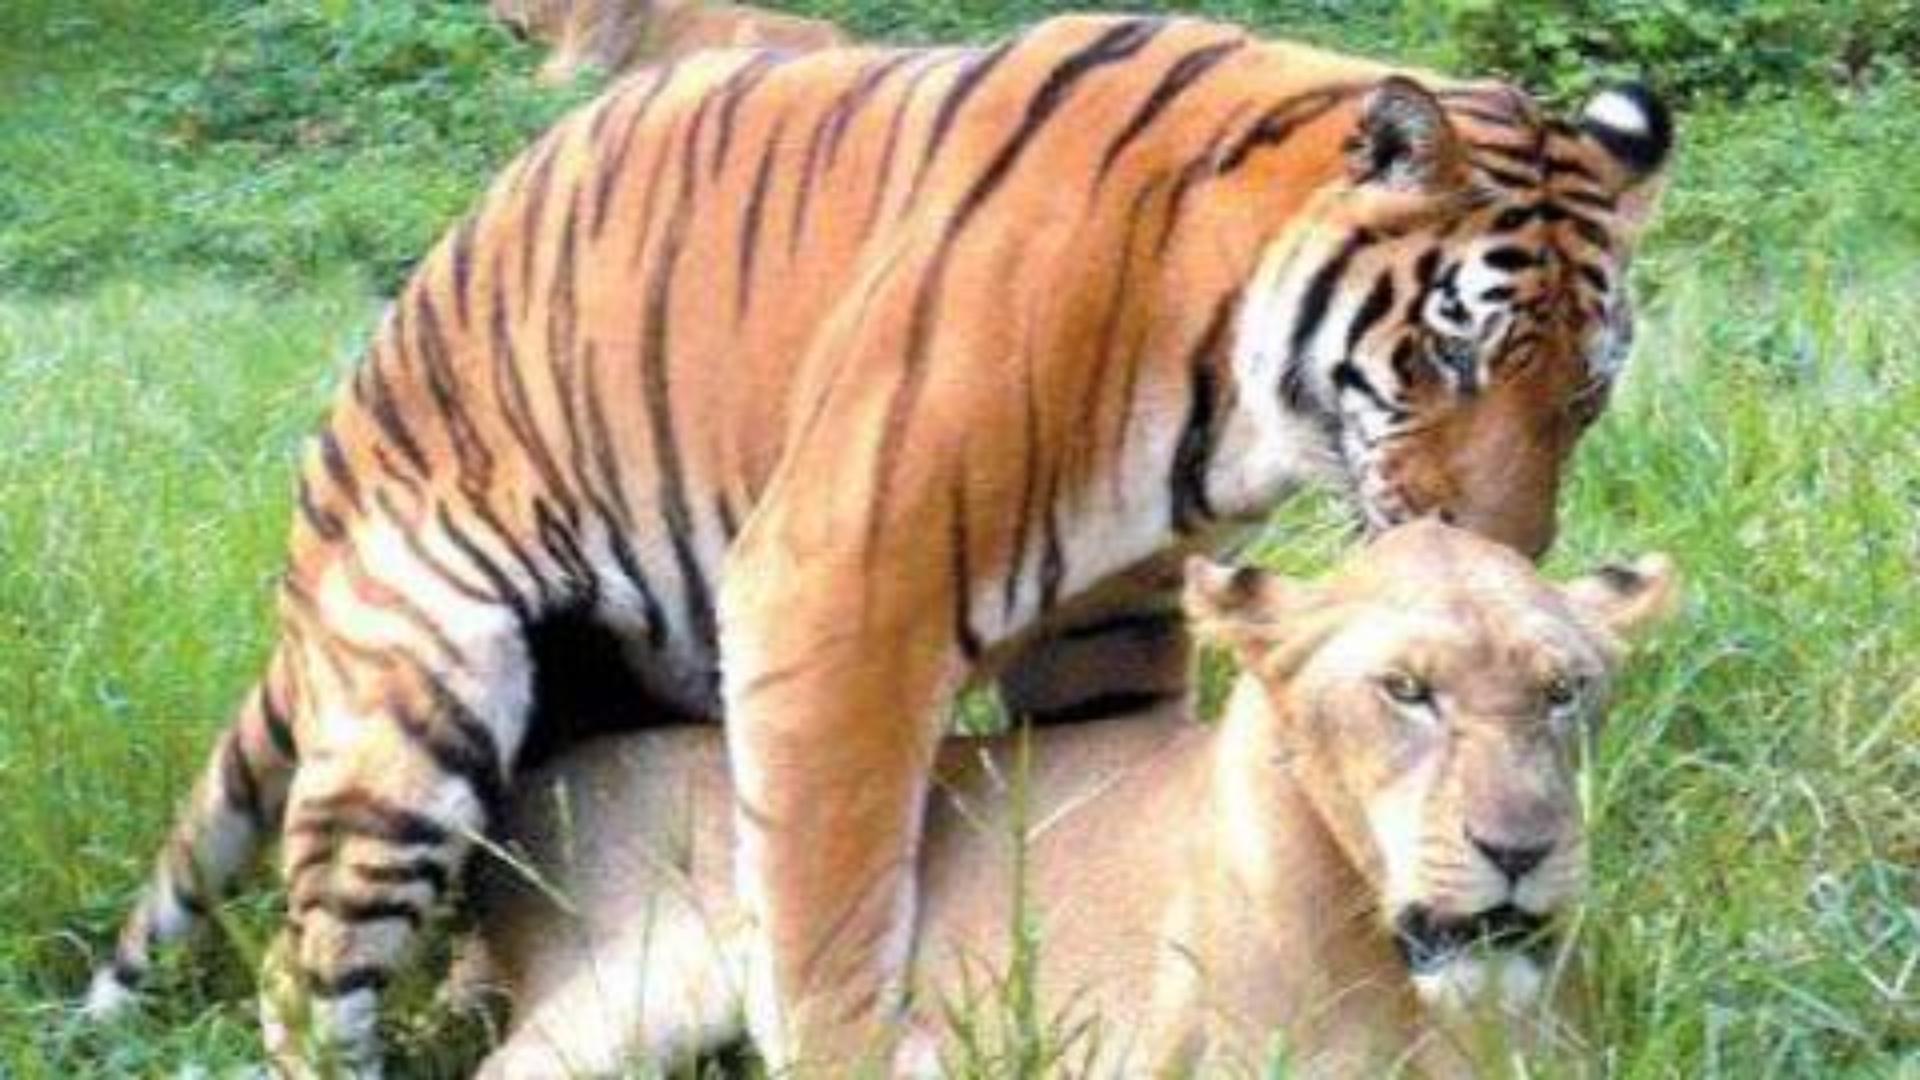 【老视频】狮子vs老虎,世纪悬案终有定论